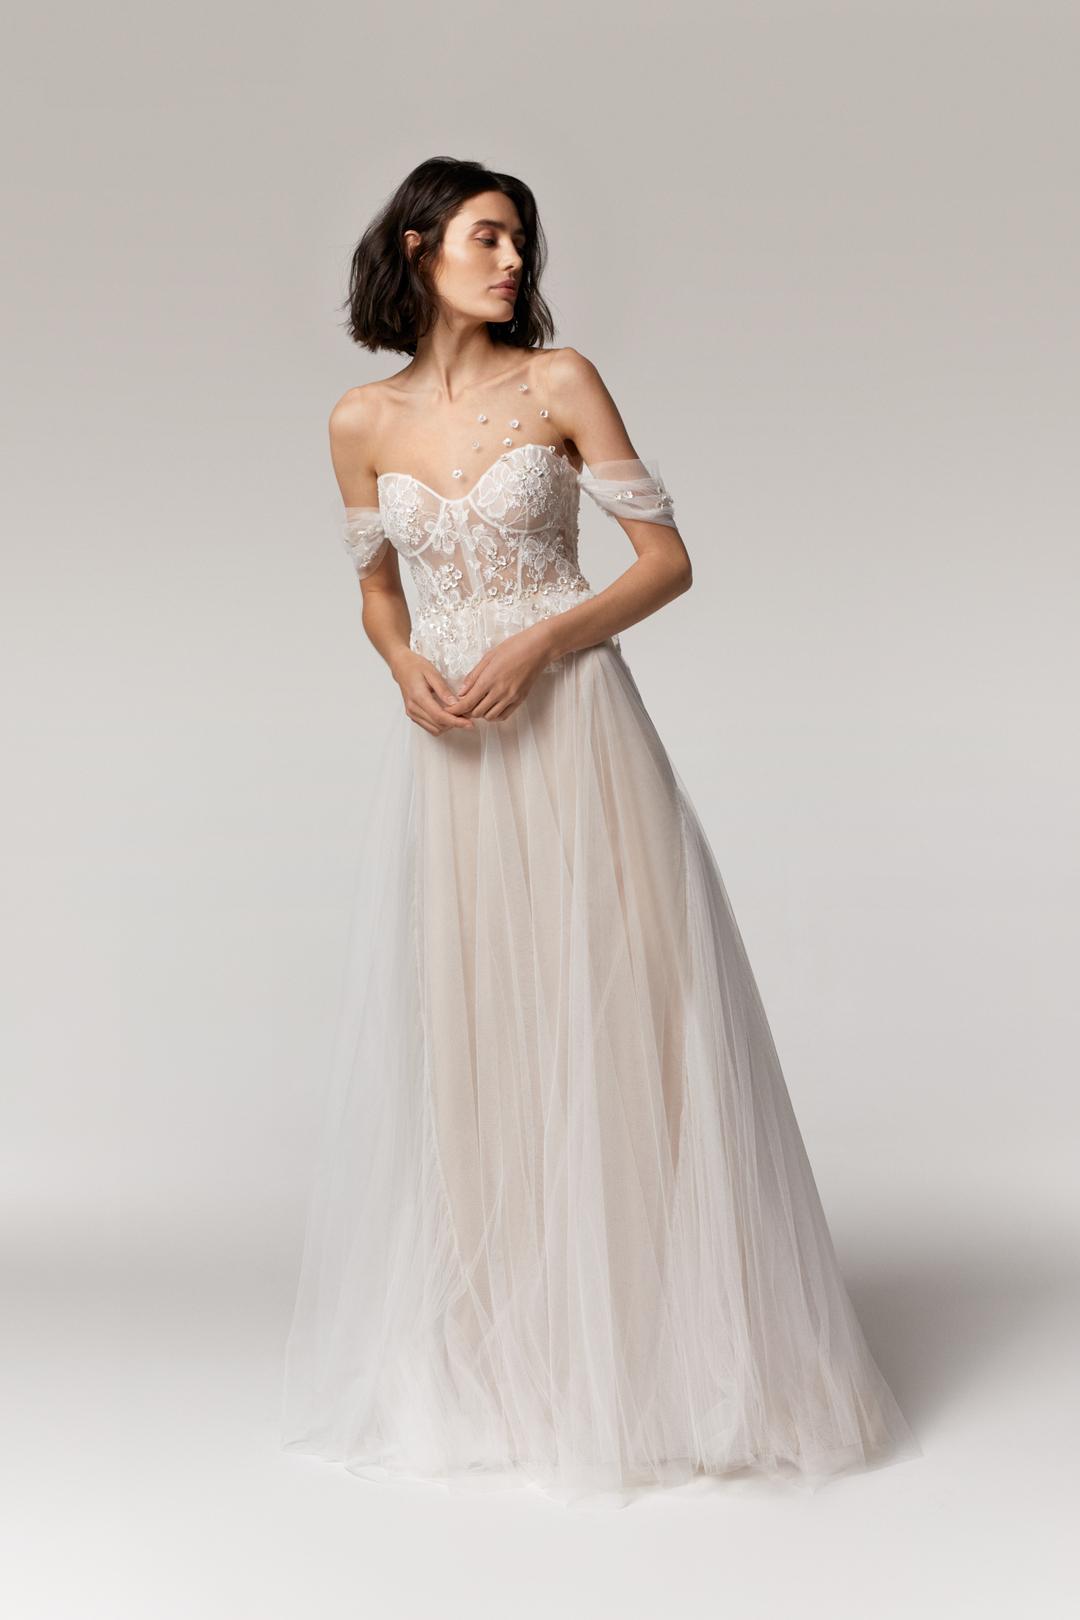 kalina dress photo